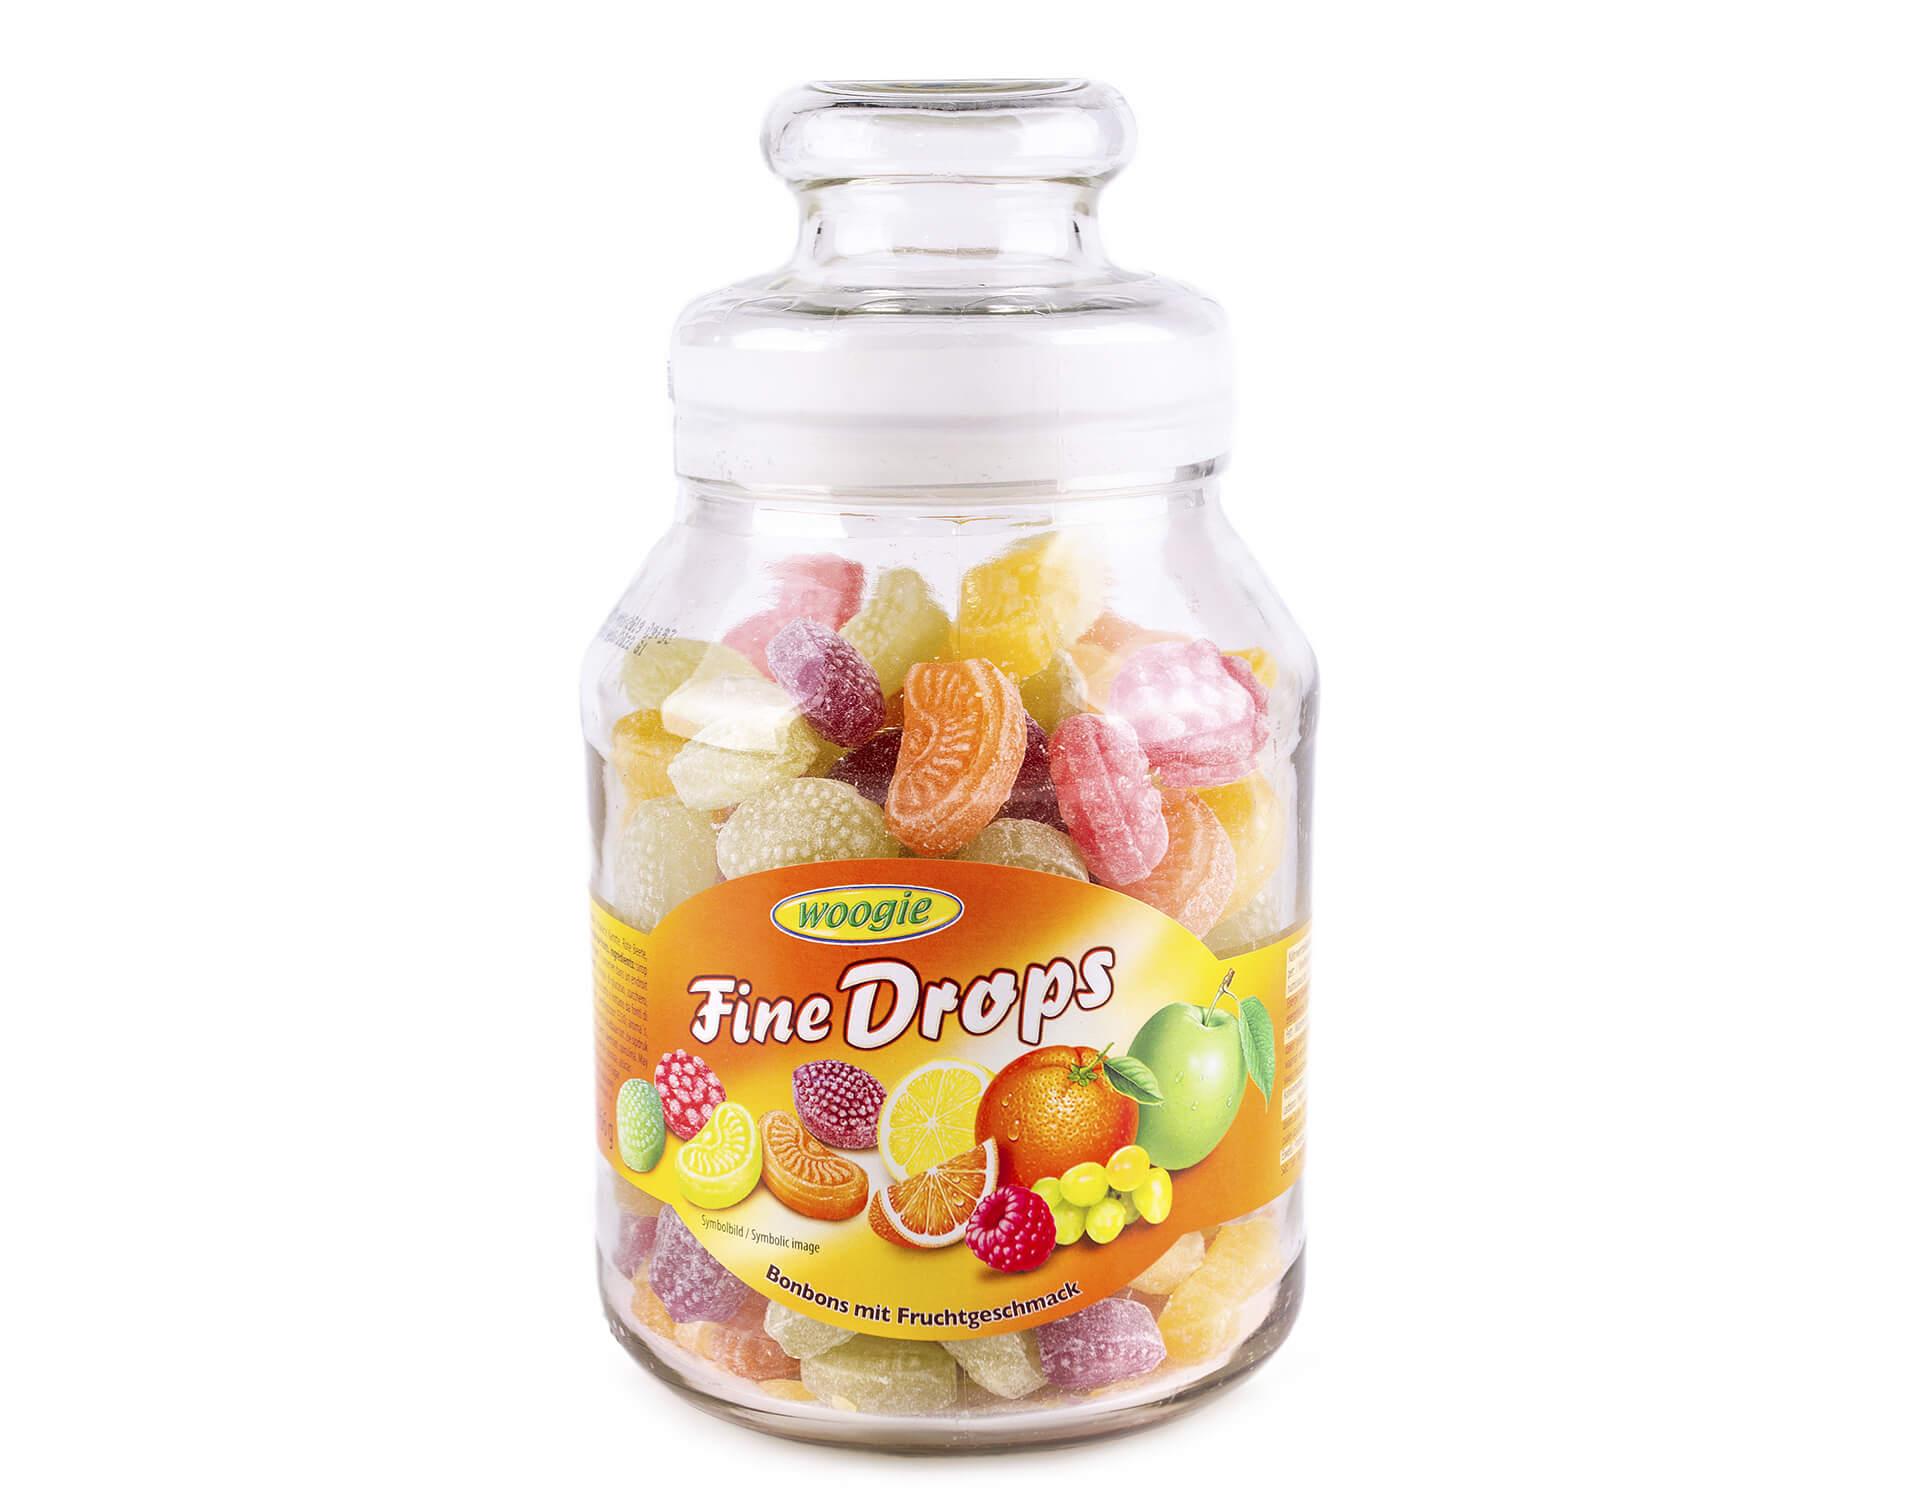 Леденцы (конфеты) Woogie Fine Drops  микс фруктовый 300г